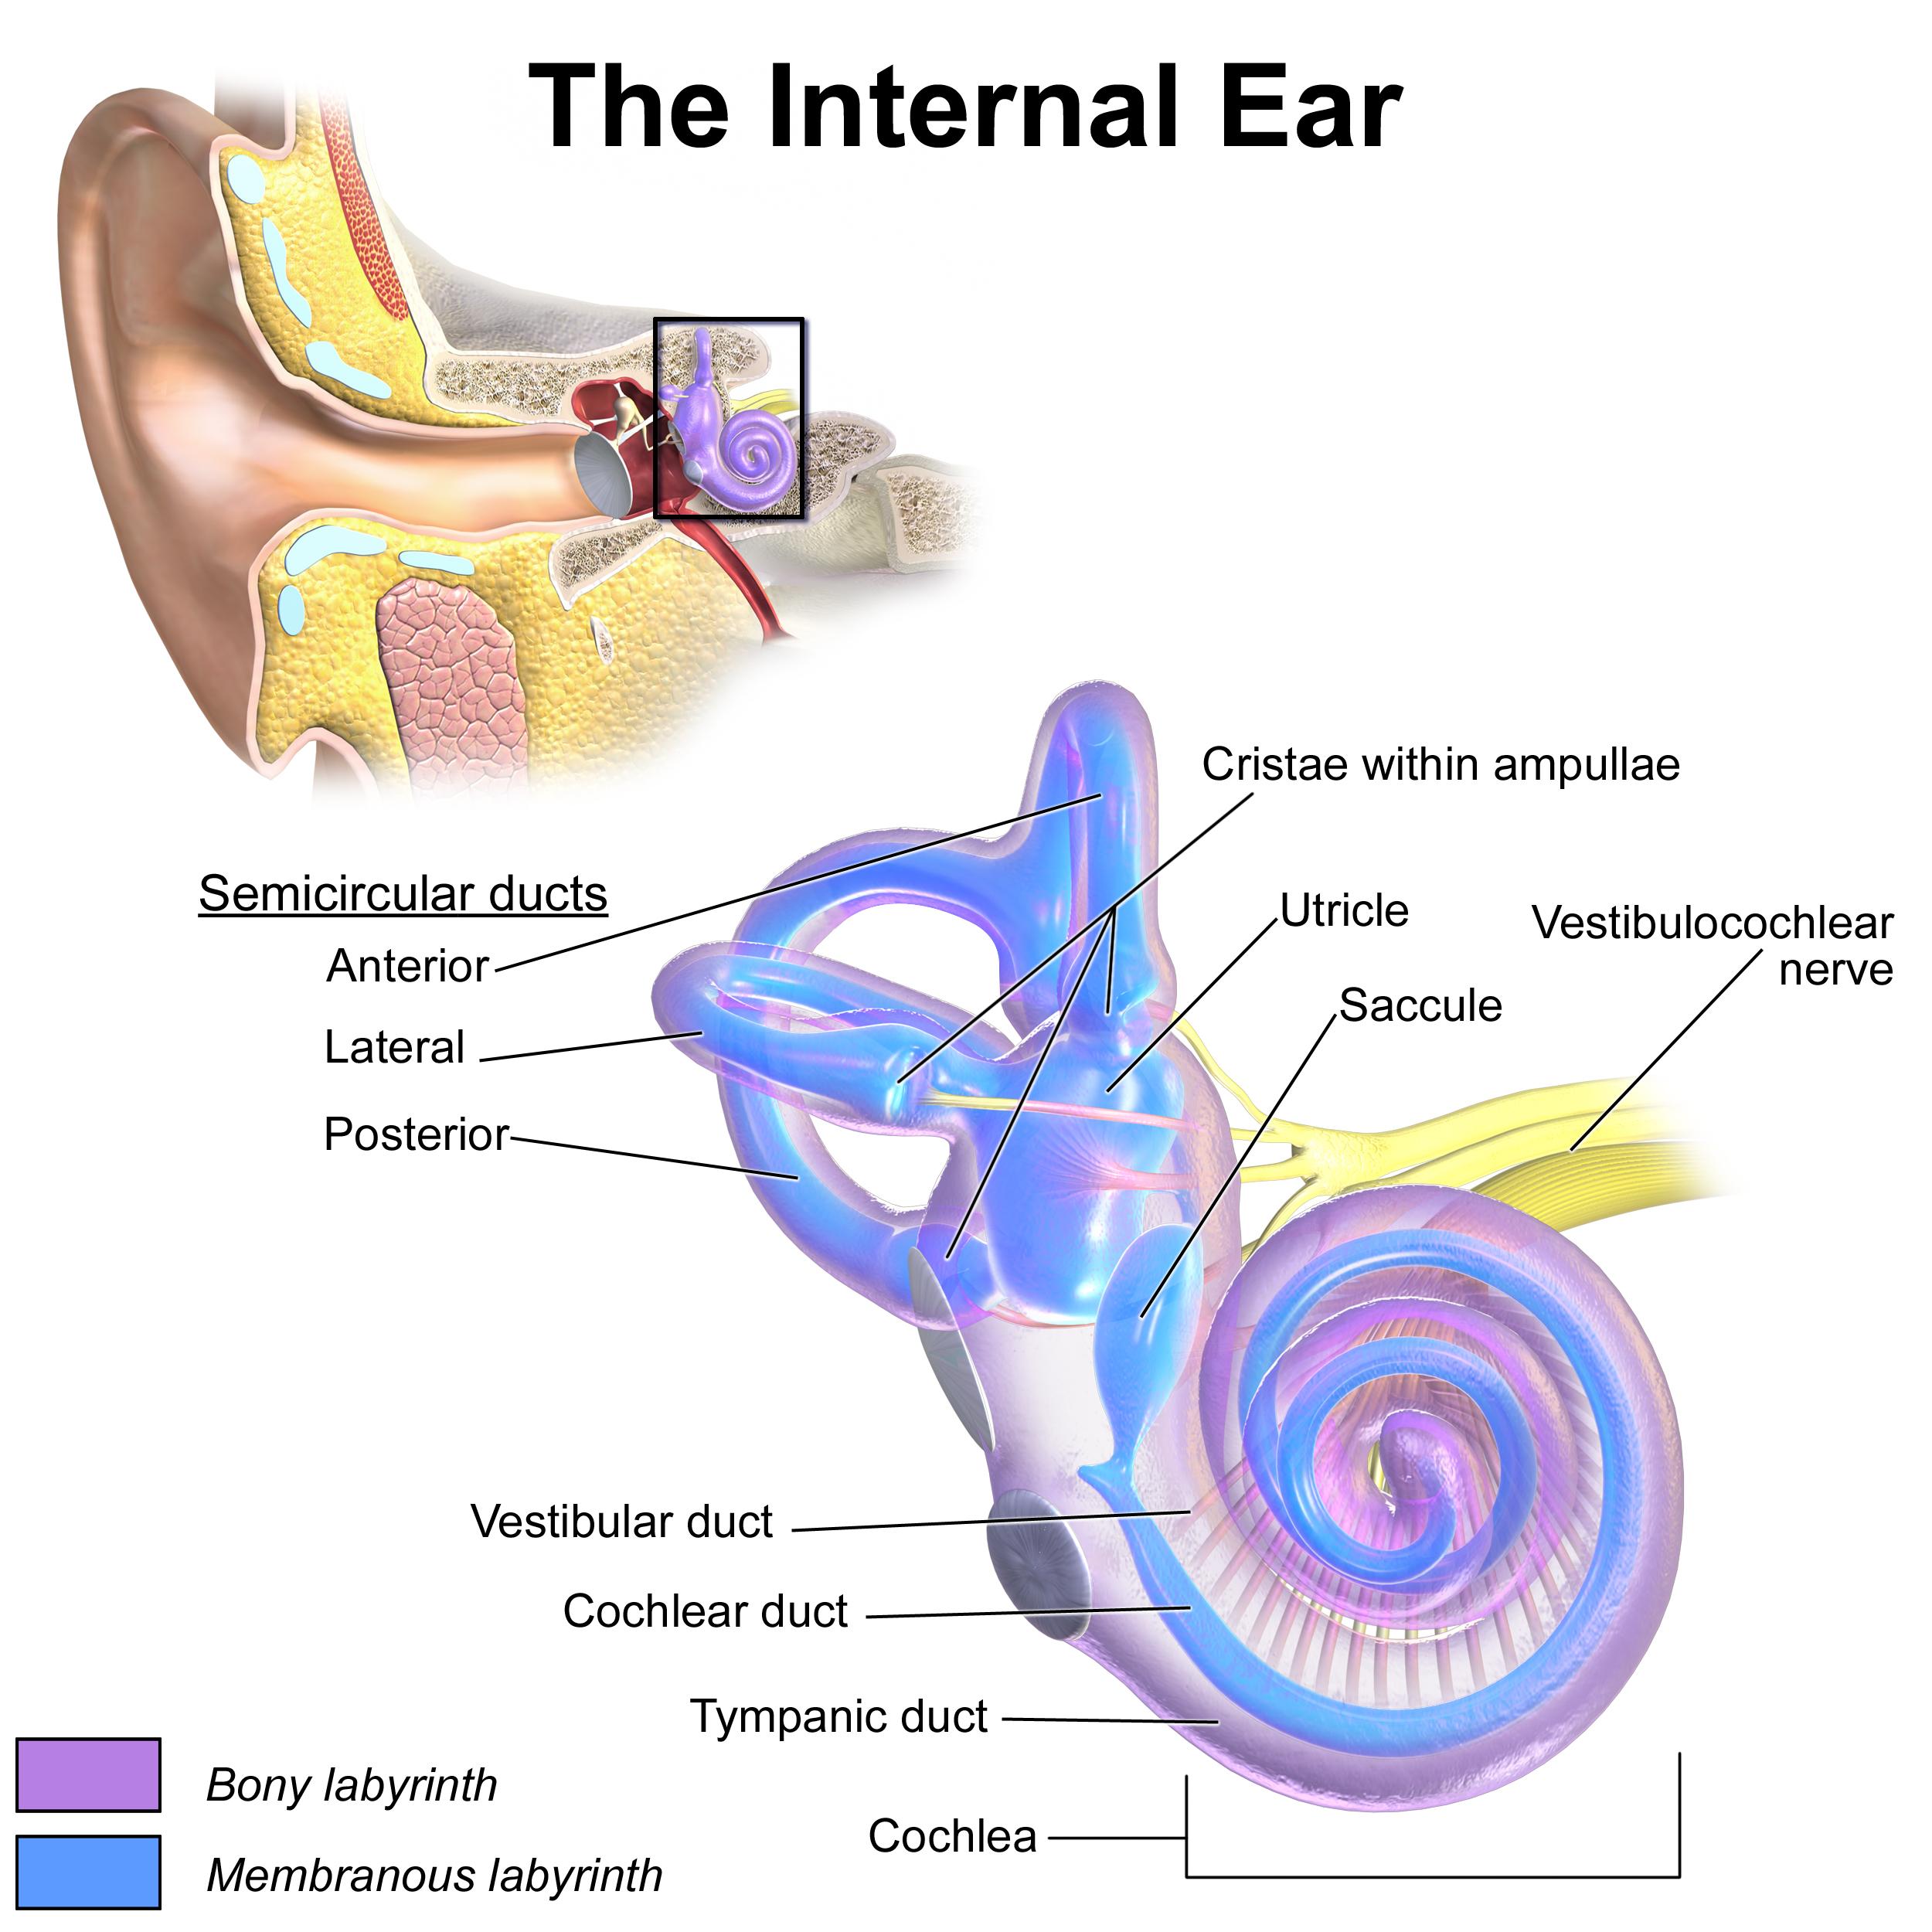 Internal ear anatomy